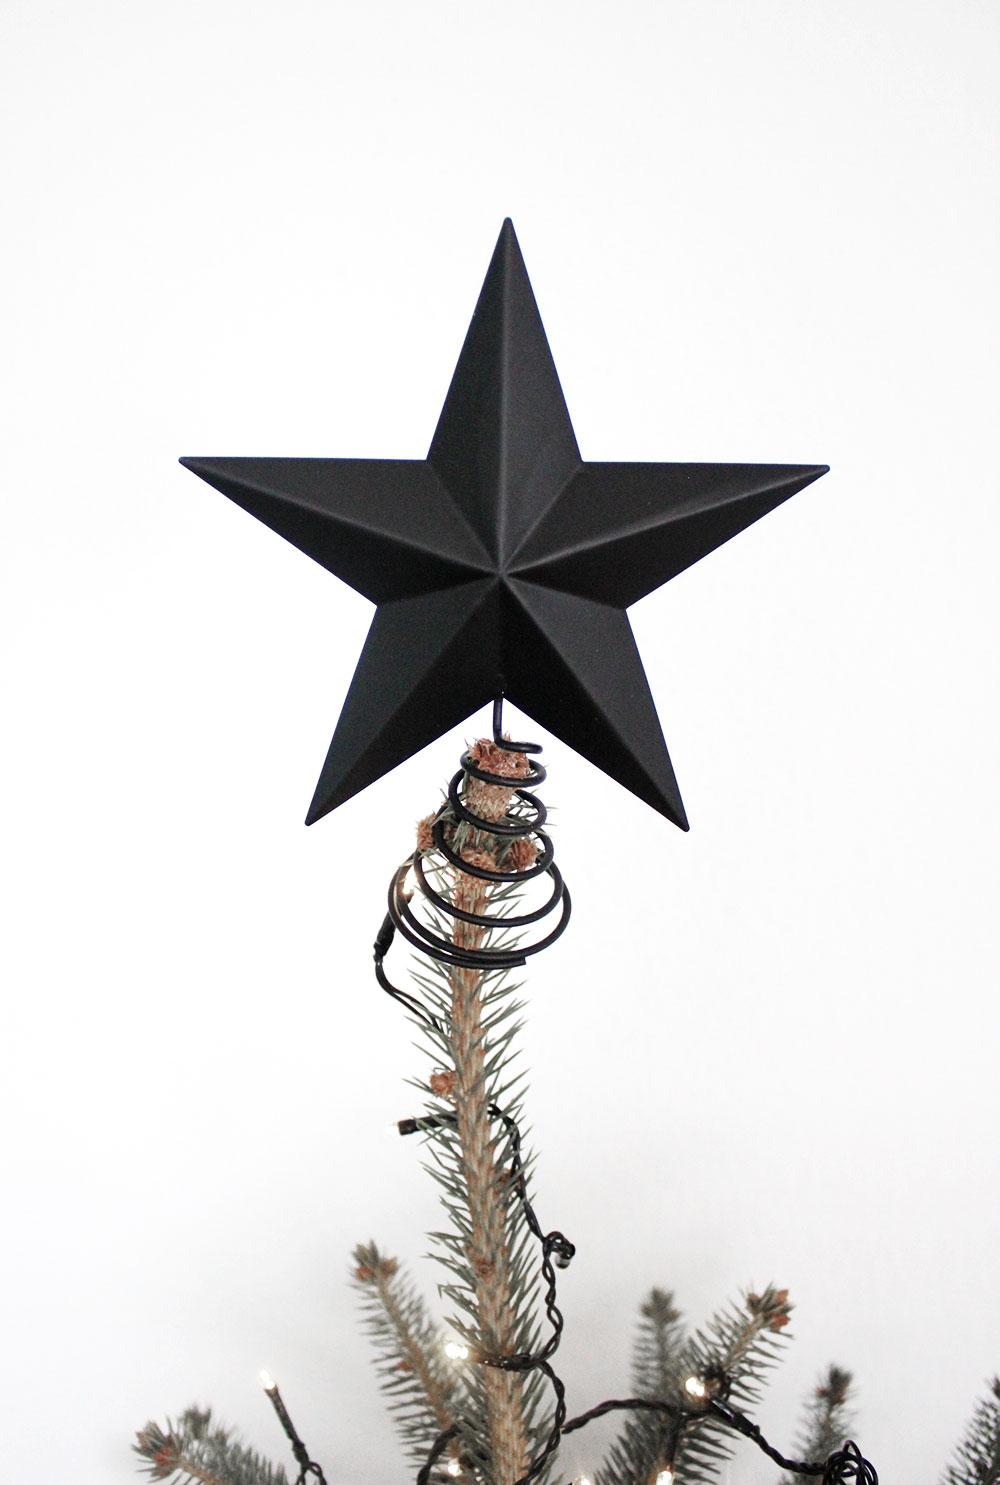 Weihnachtsbaum Schwarz Weiß.Unser Weihnachtsbaum In Schwarz Weiß Meine Liebsten X Mas Diys Und